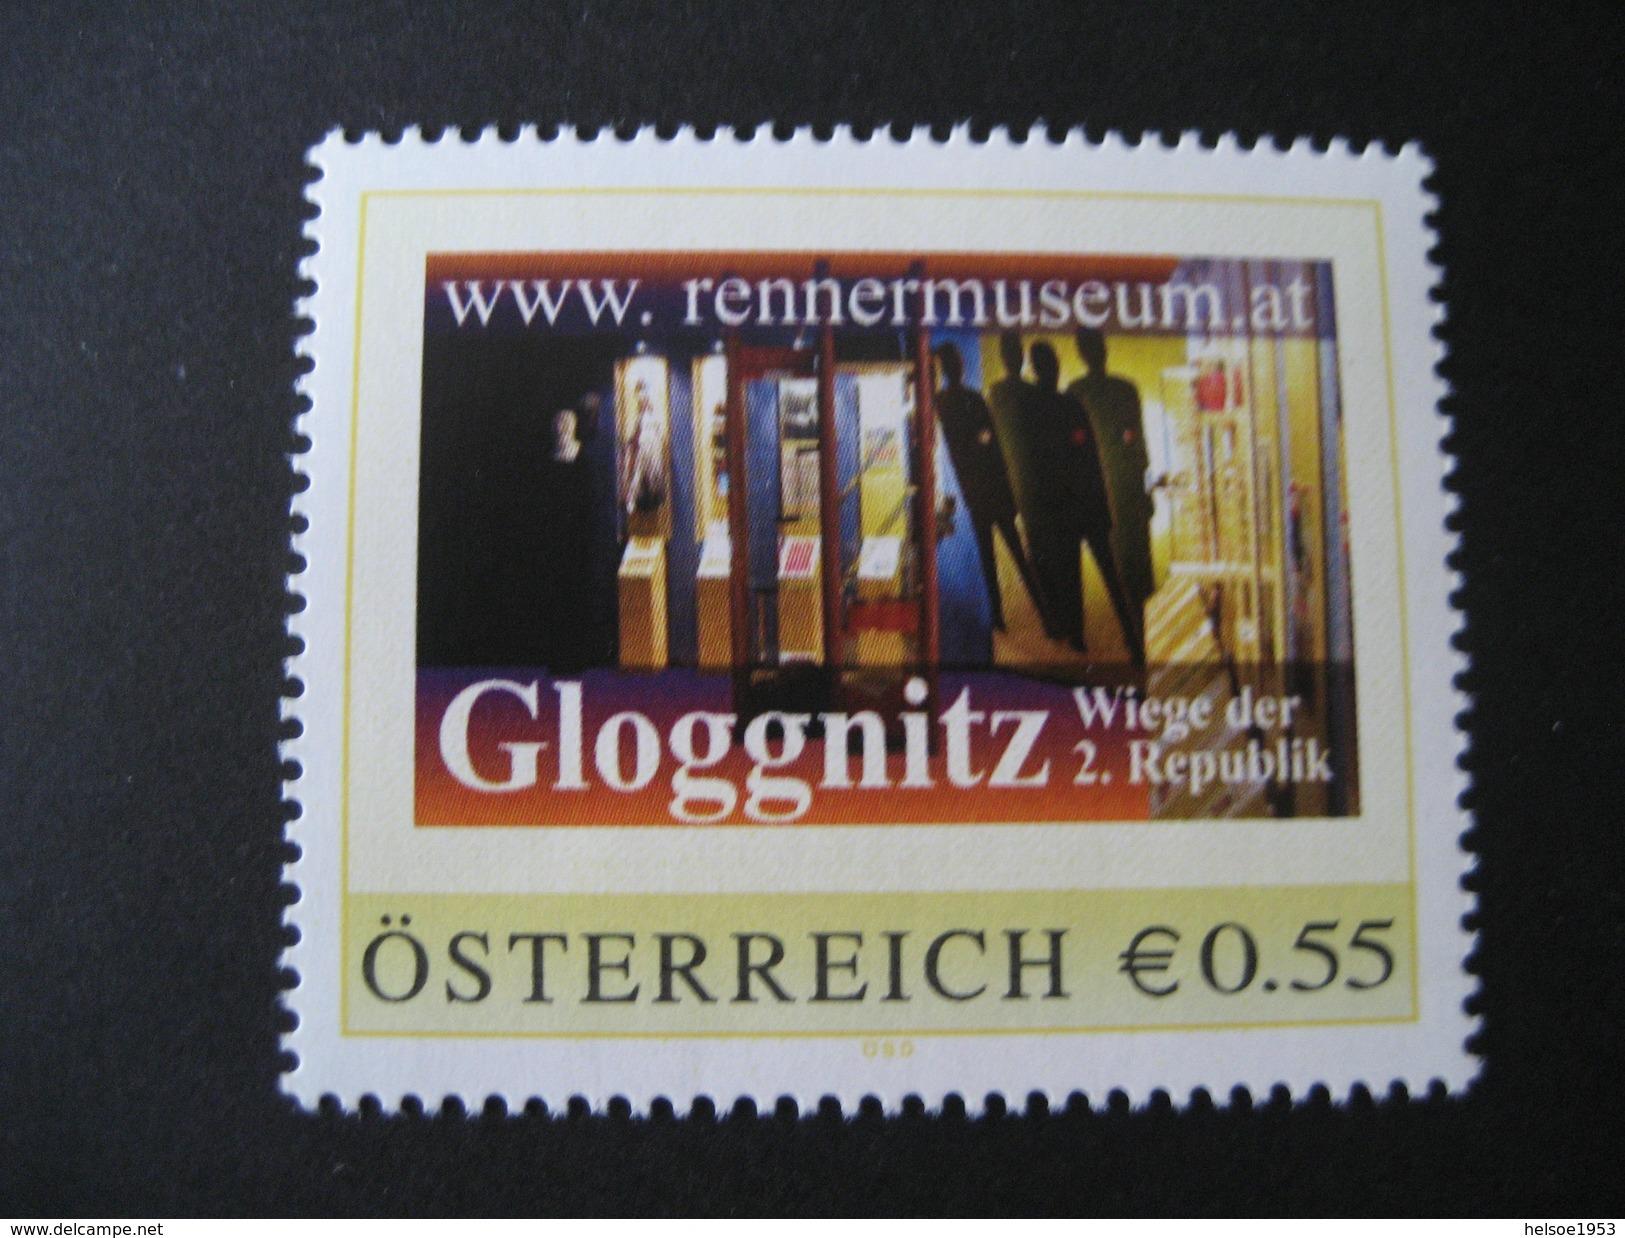 PM 8003023- Rennermuseum Gloggnitz Mit €-Zeichen Postfrisch - Personalisierte Briefmarken